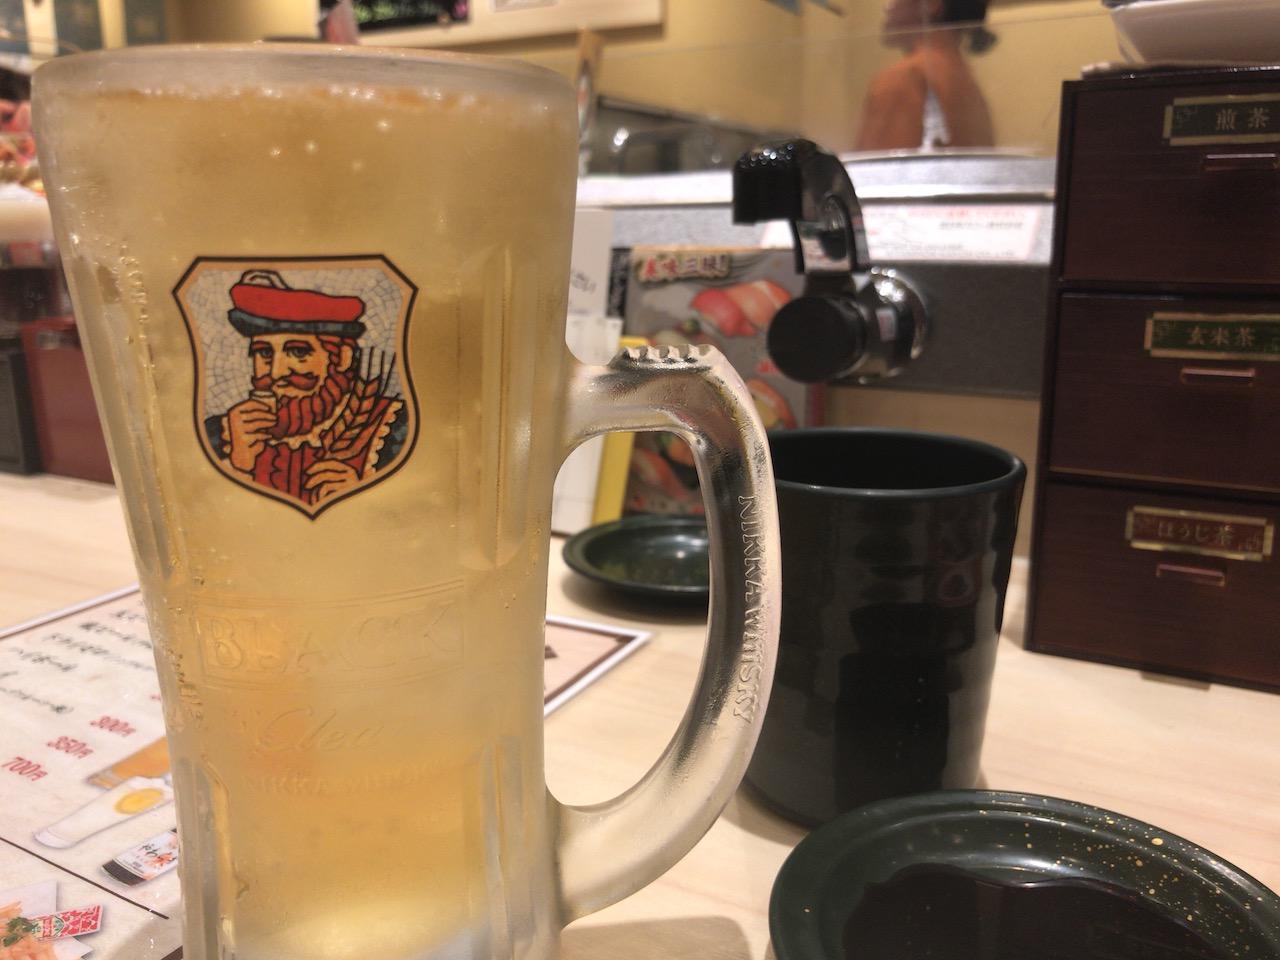 姫路駅前の回転寿司「力丸」はひとり飲みに適しているのか試してきた